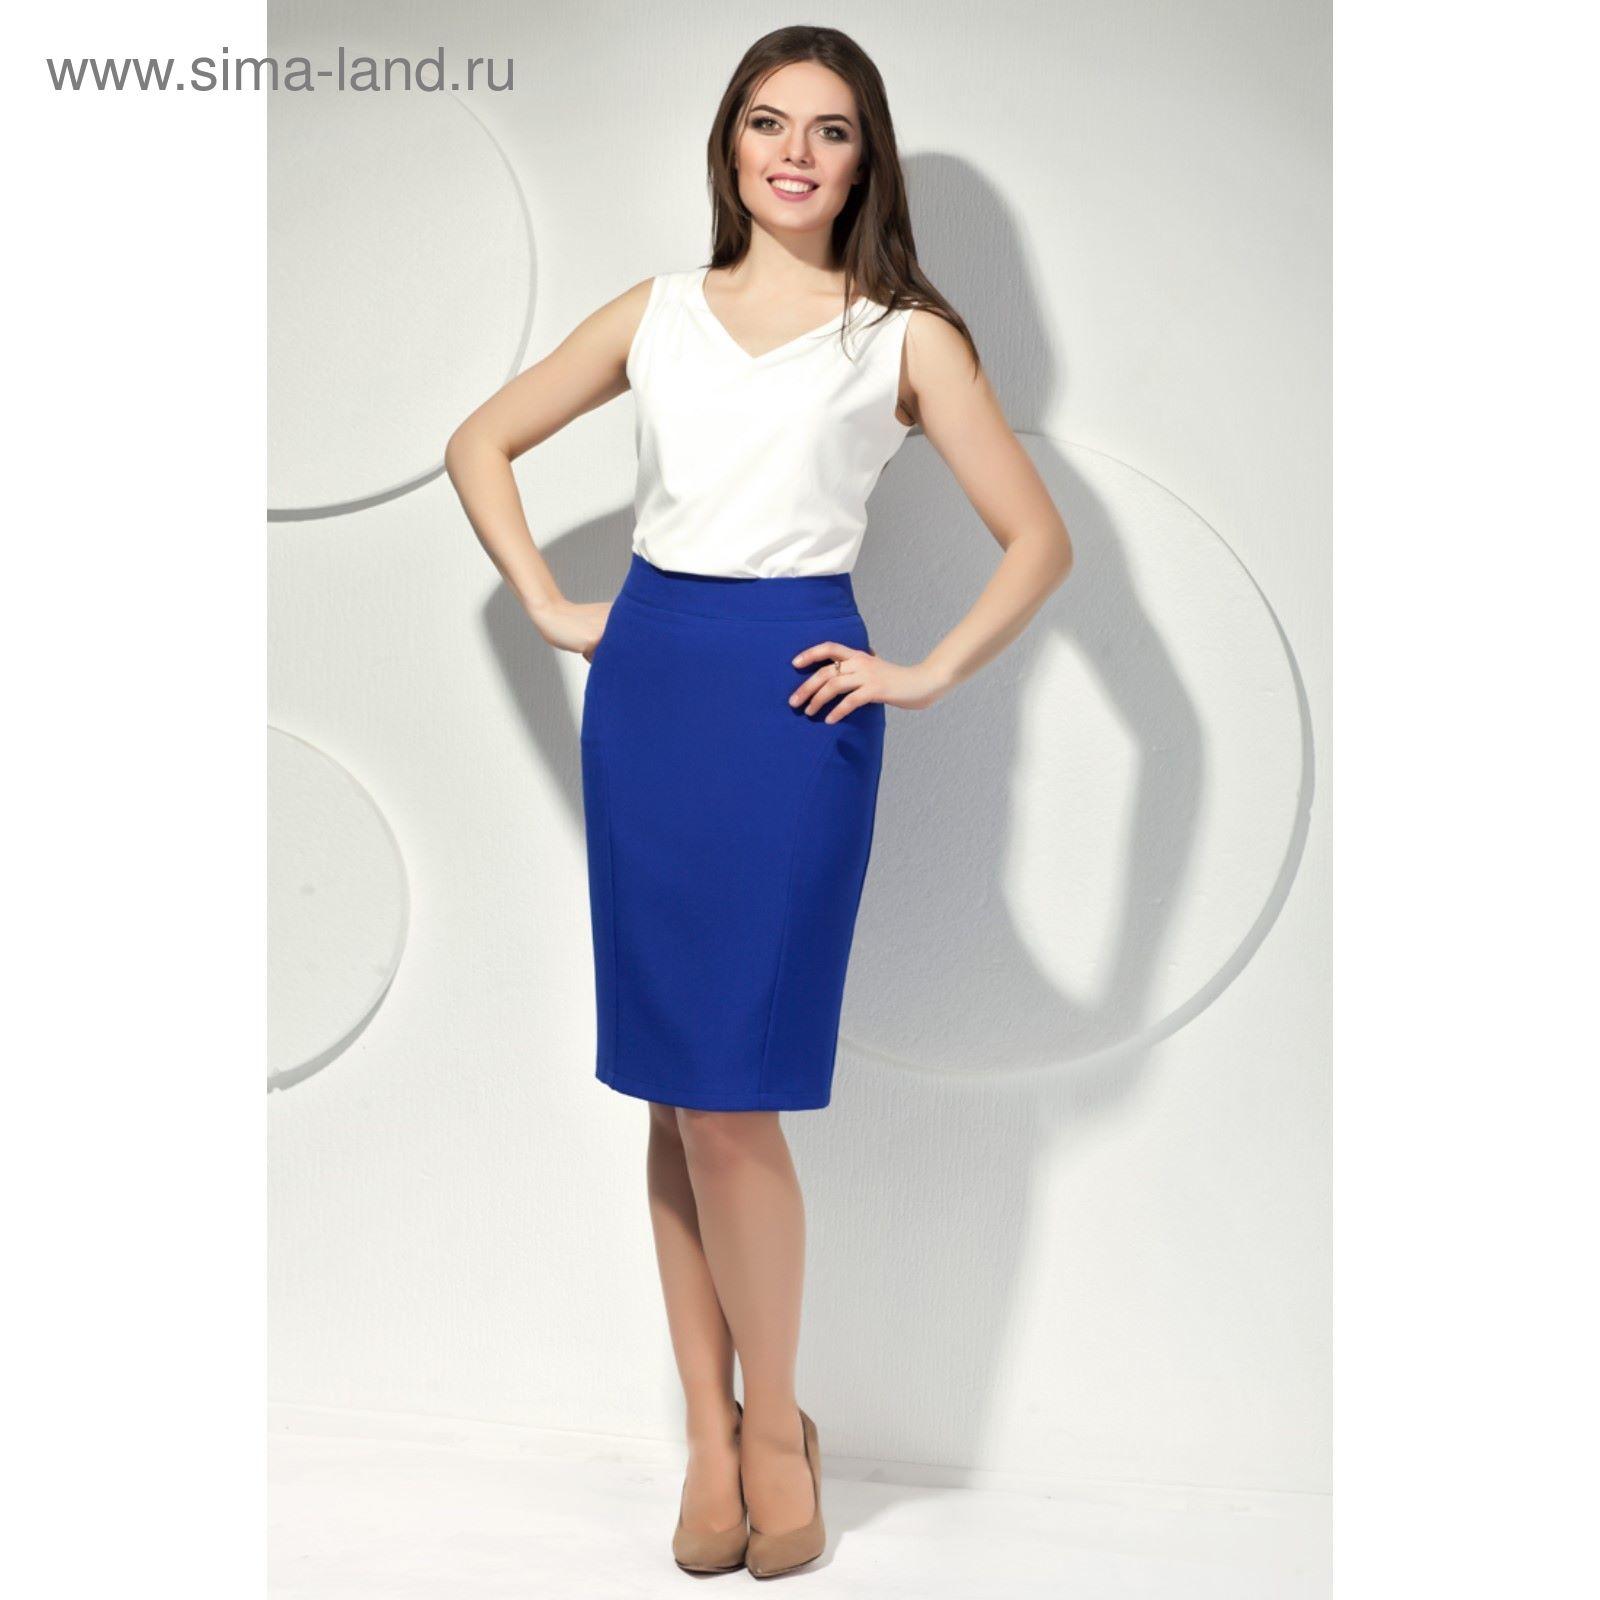 Юбка женская, размер 44, цвет синий Ю-189 1 (2720376) - Купить по ... 4833ce9fab4